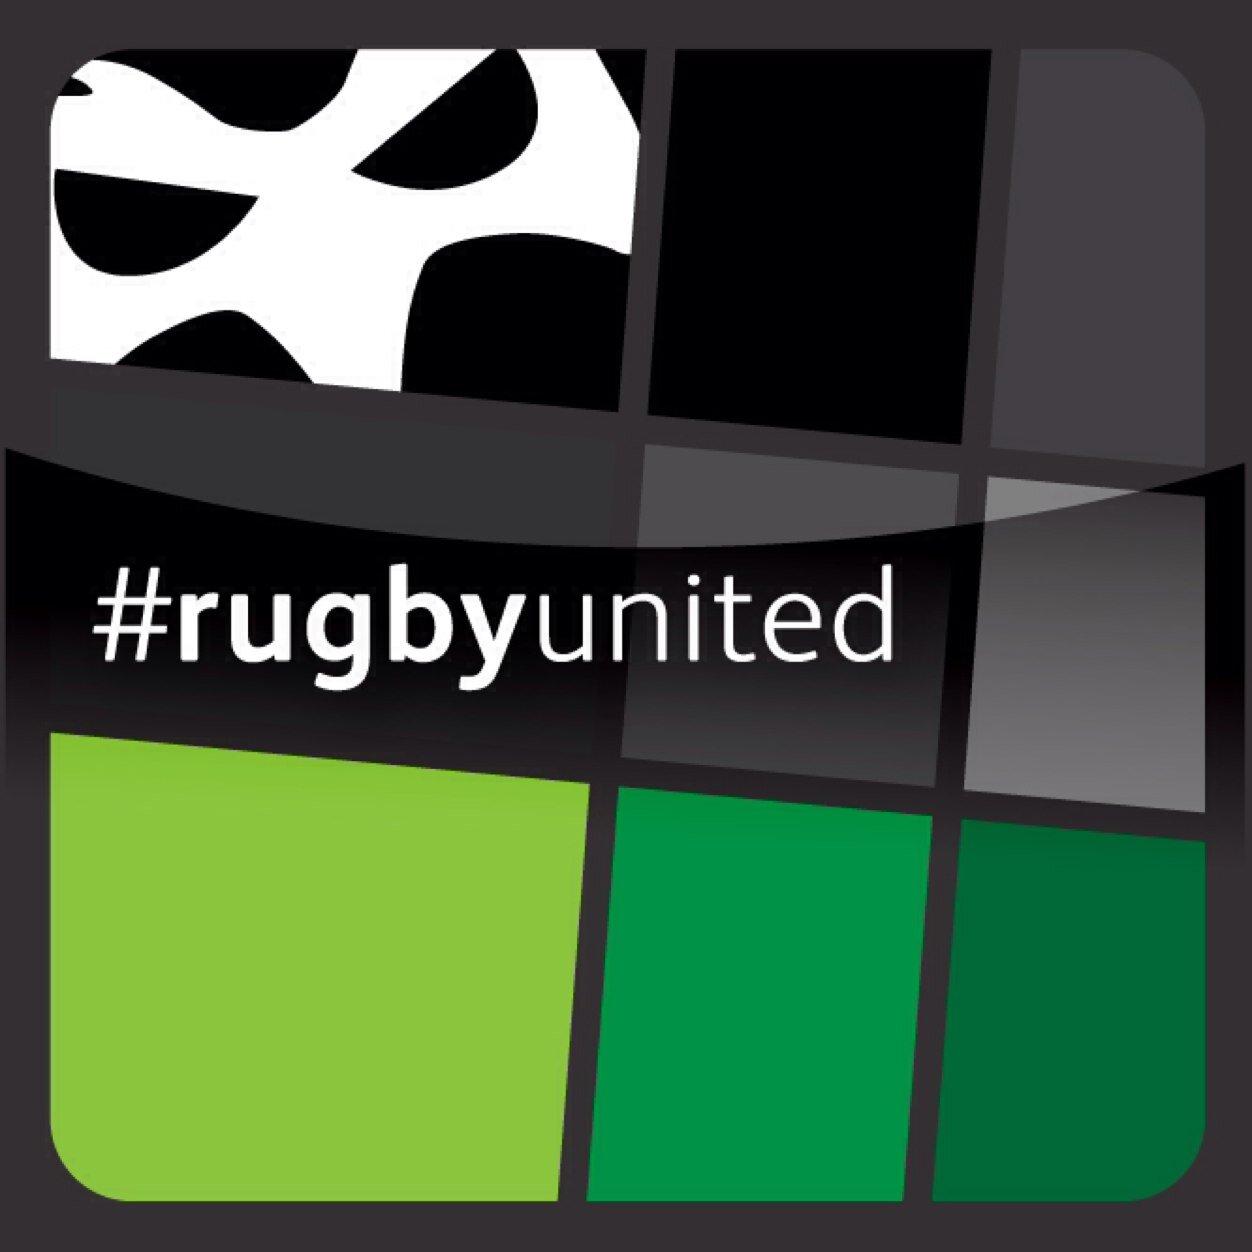 RugbyOspreys_